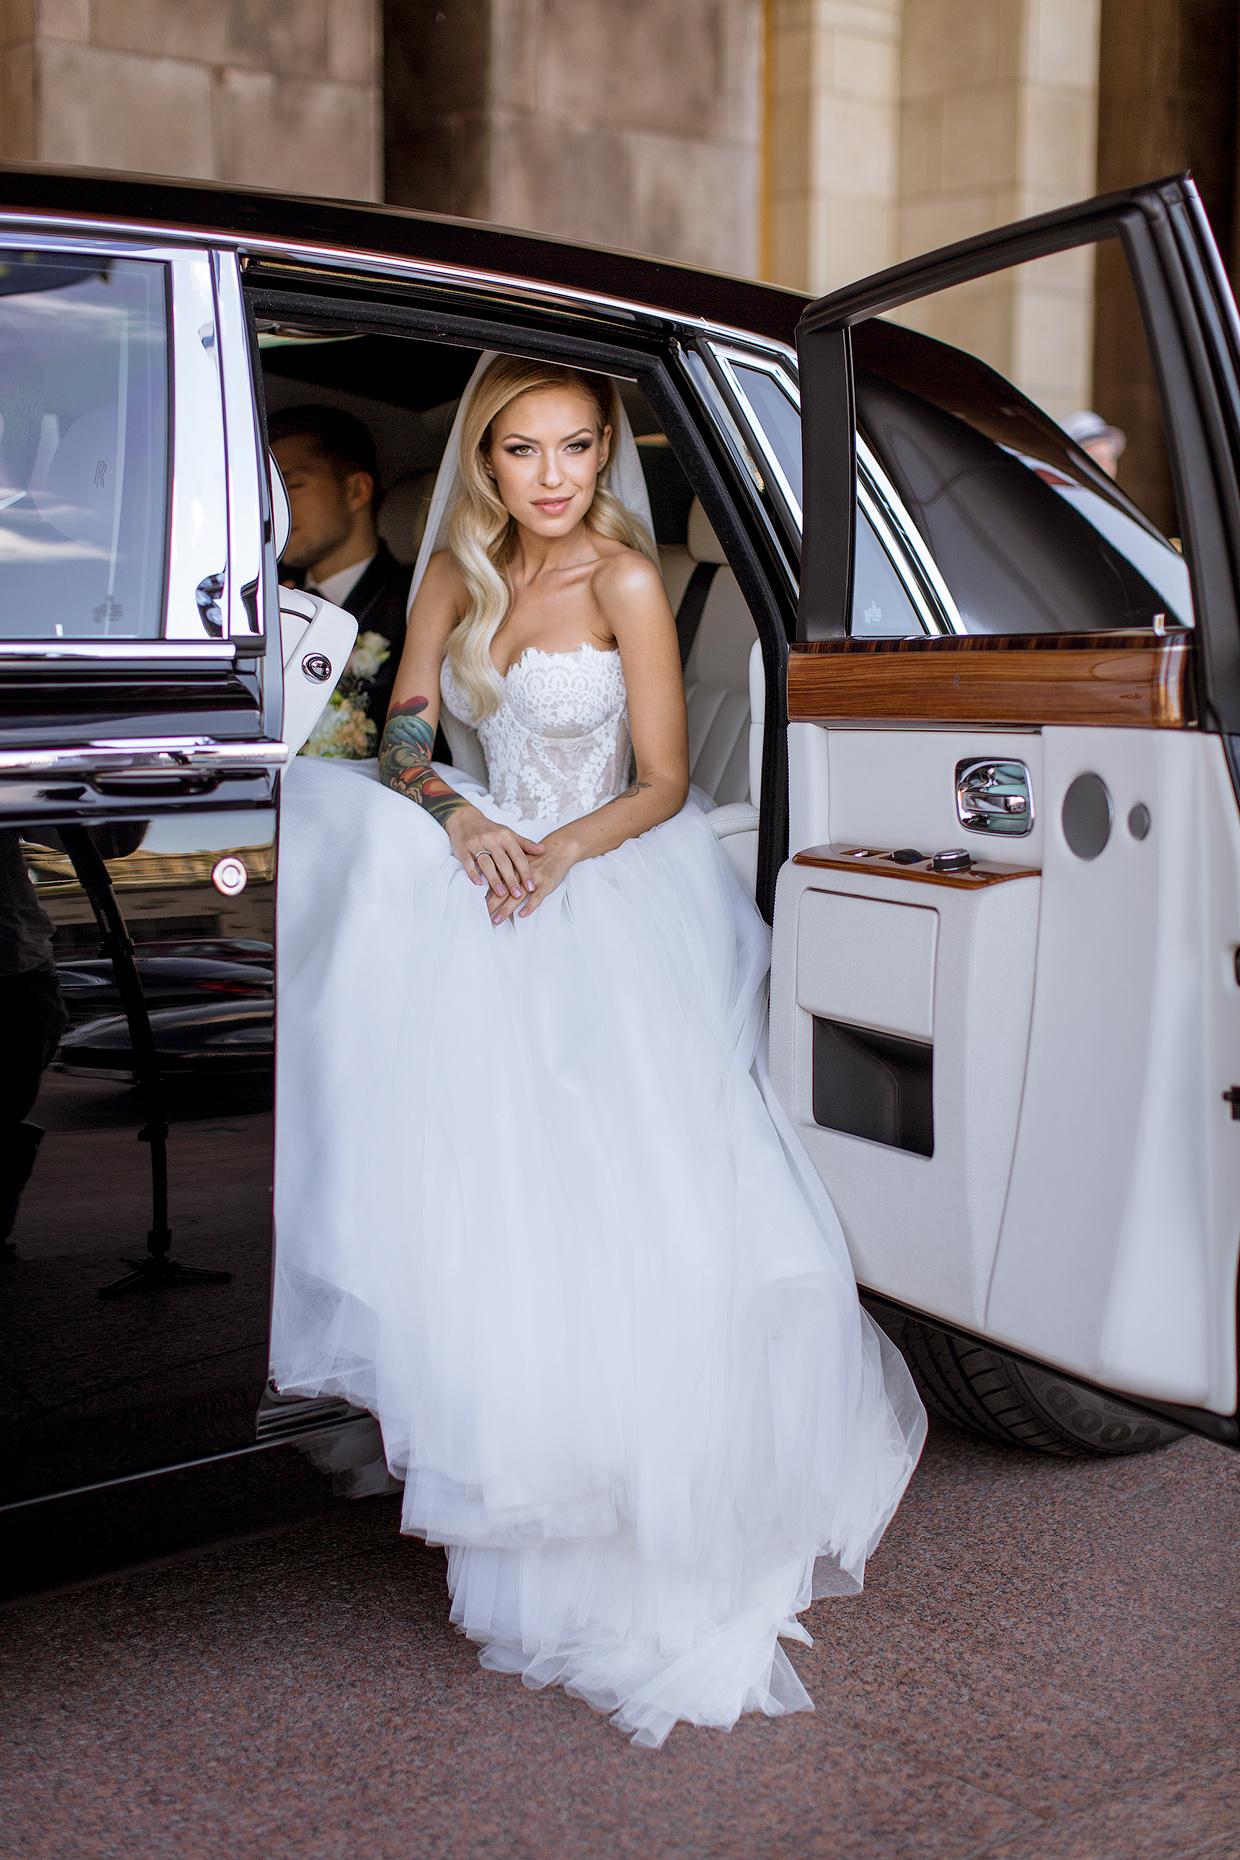 Фоторепортаж со свадьбы Риты Дакоты и Влада 97